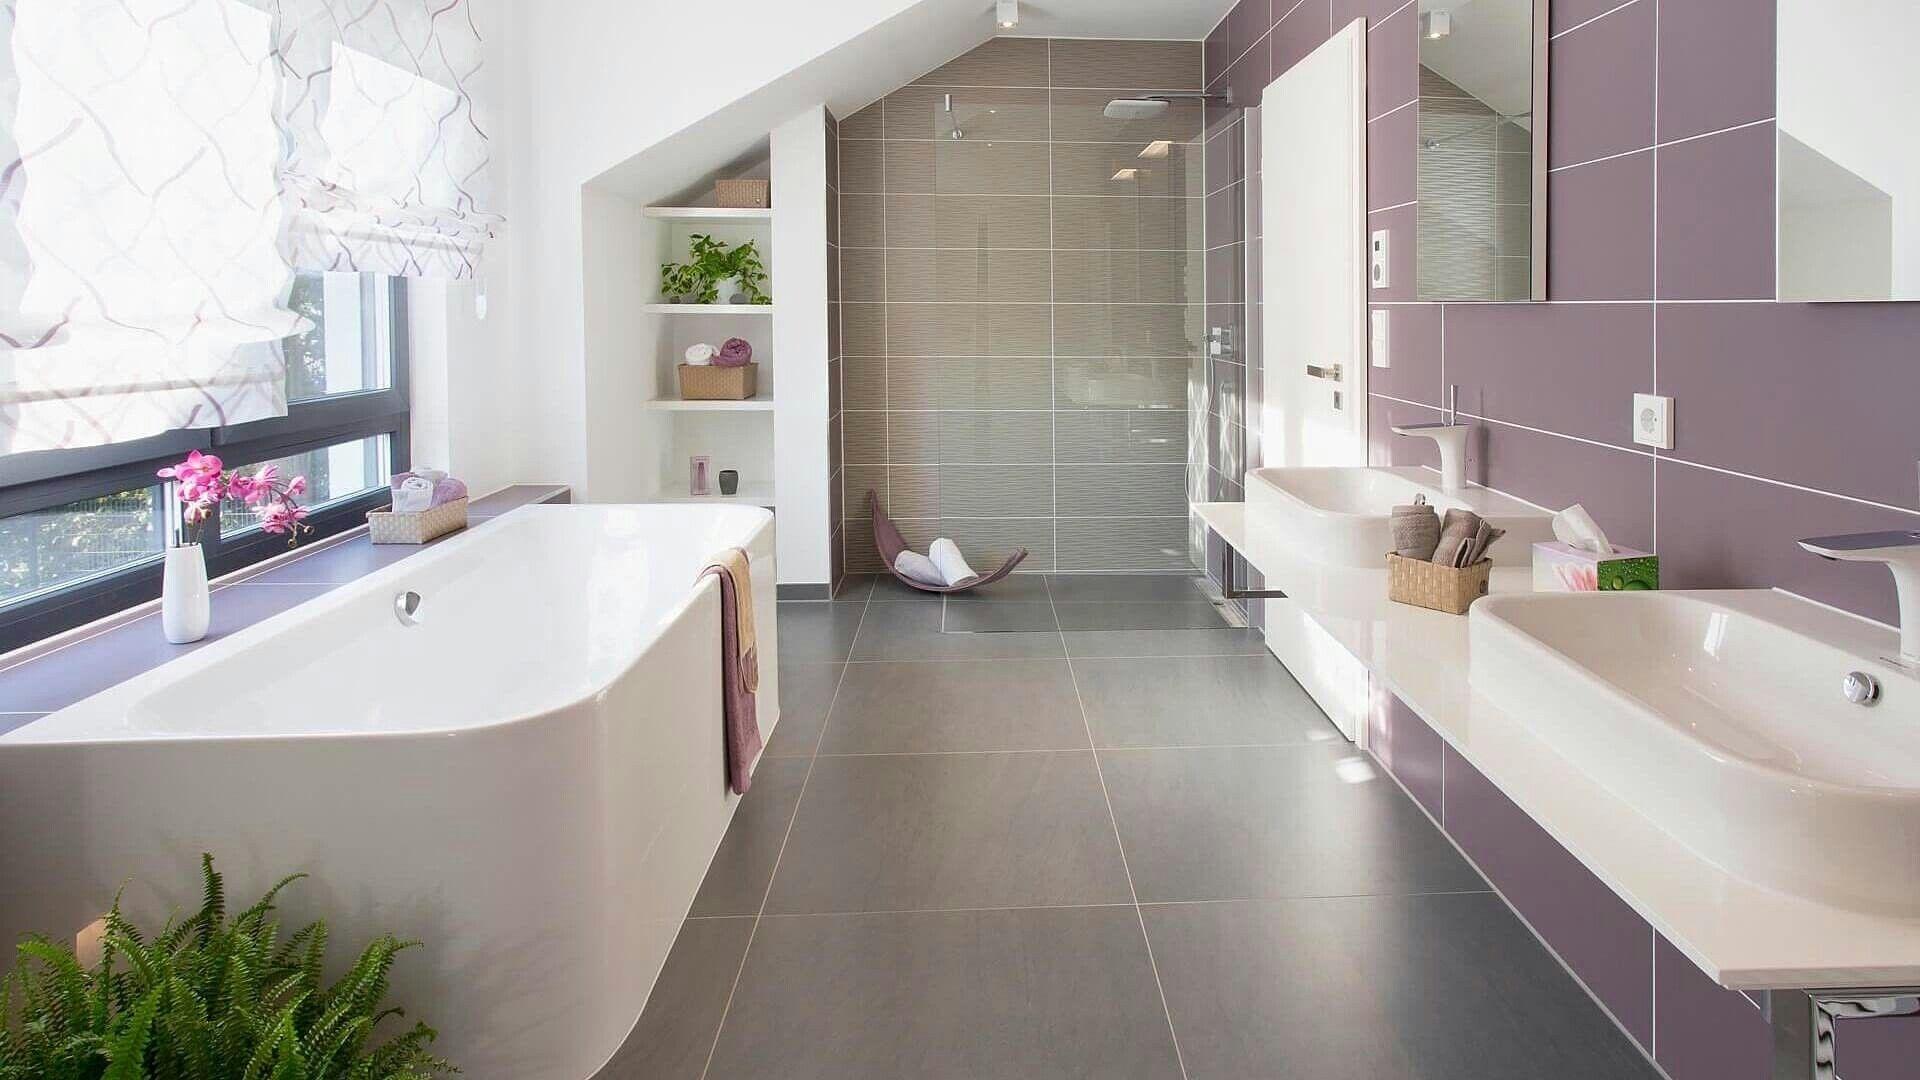 Pin Von Laila Auf Toilet Og Bad Badewanne Haus Grosse Badewanne